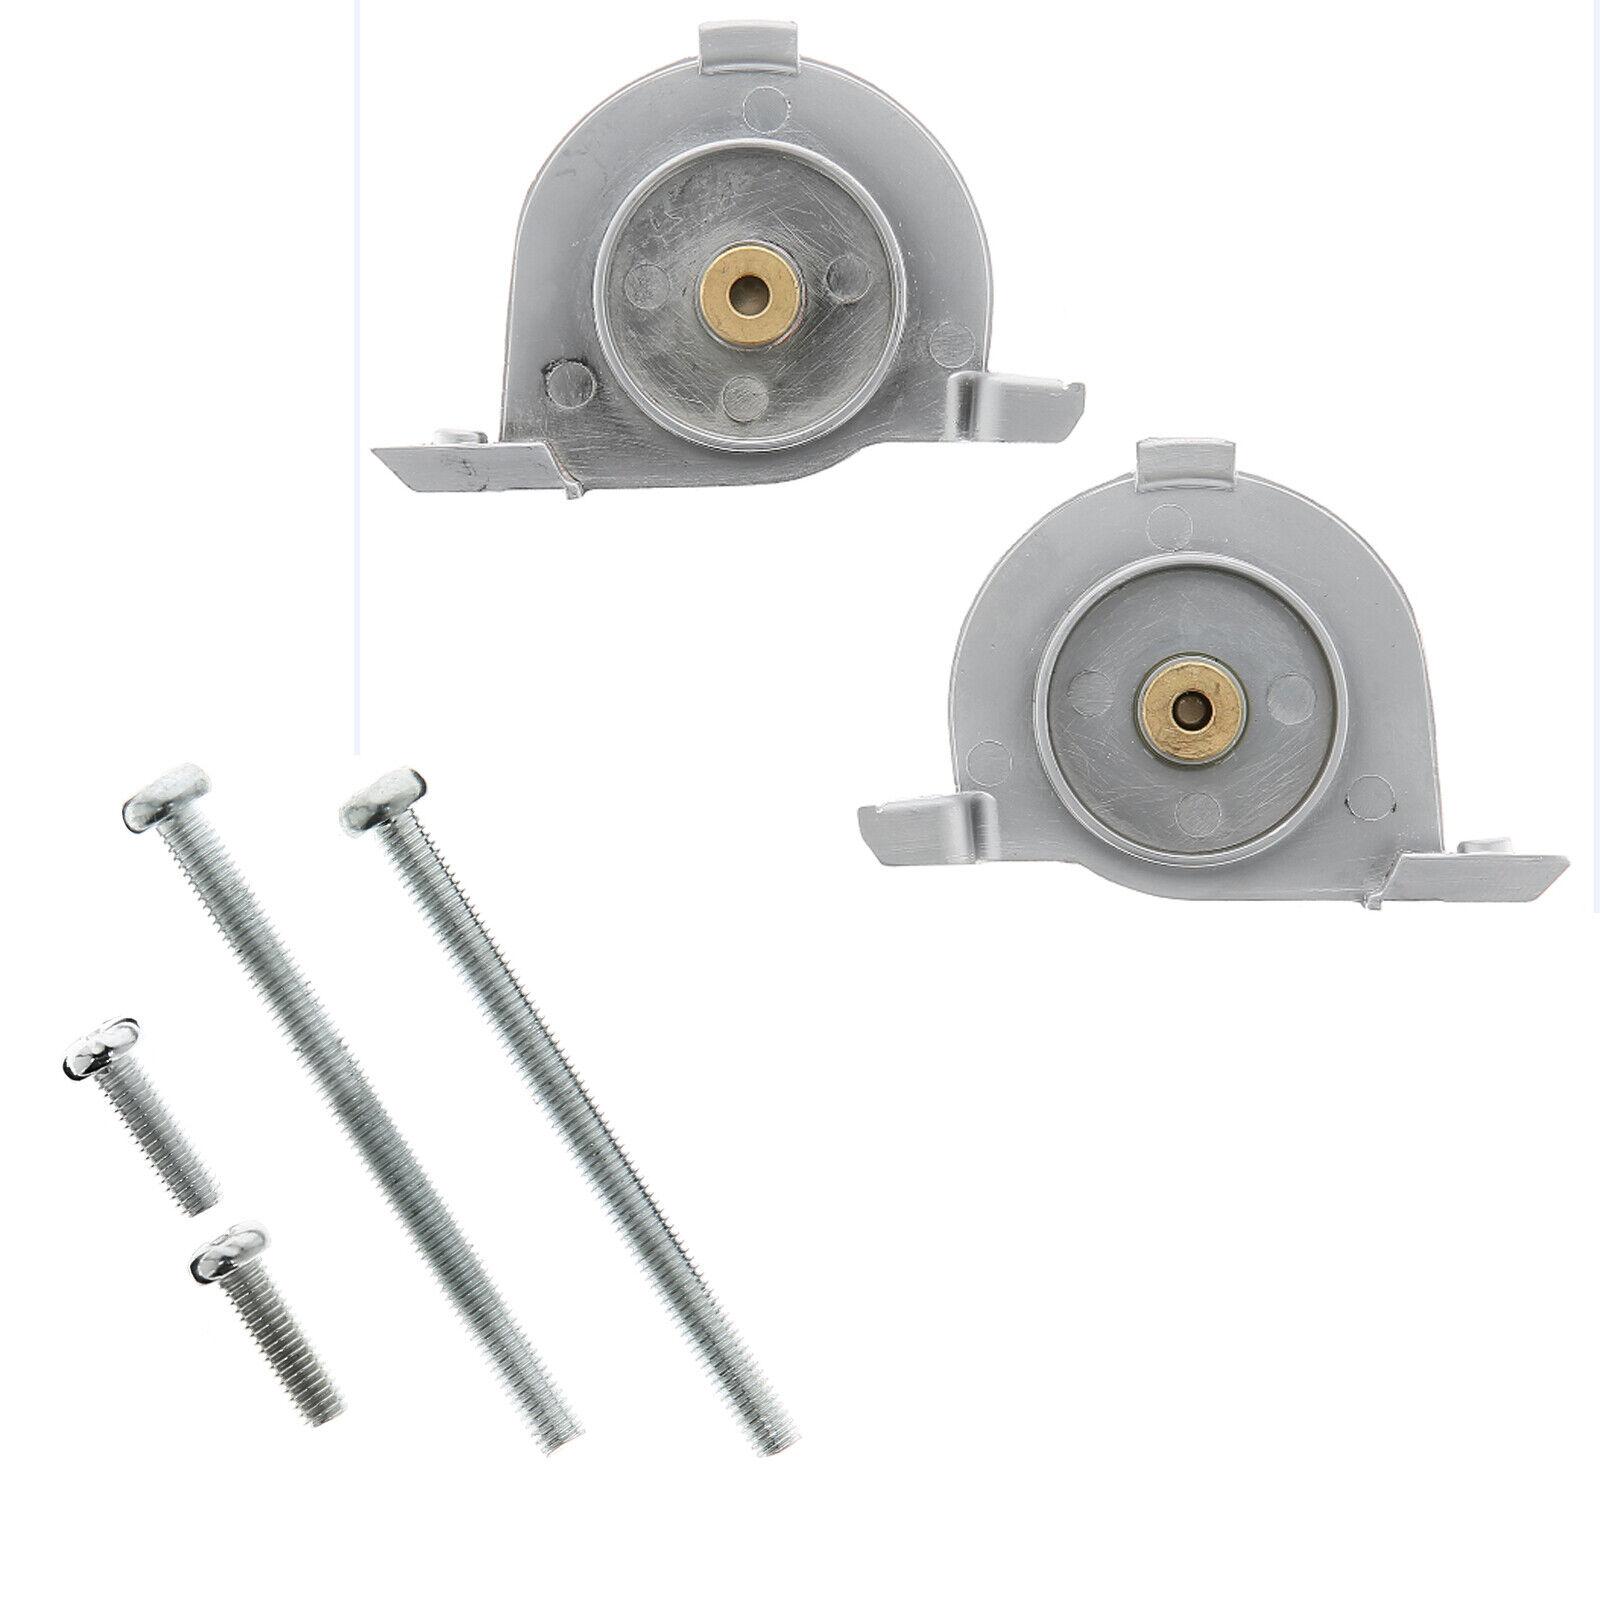 2 x Roller Brush Bar Brushroll for GTECH AirRam AR05 DM001 K9 Cordless Vacuum